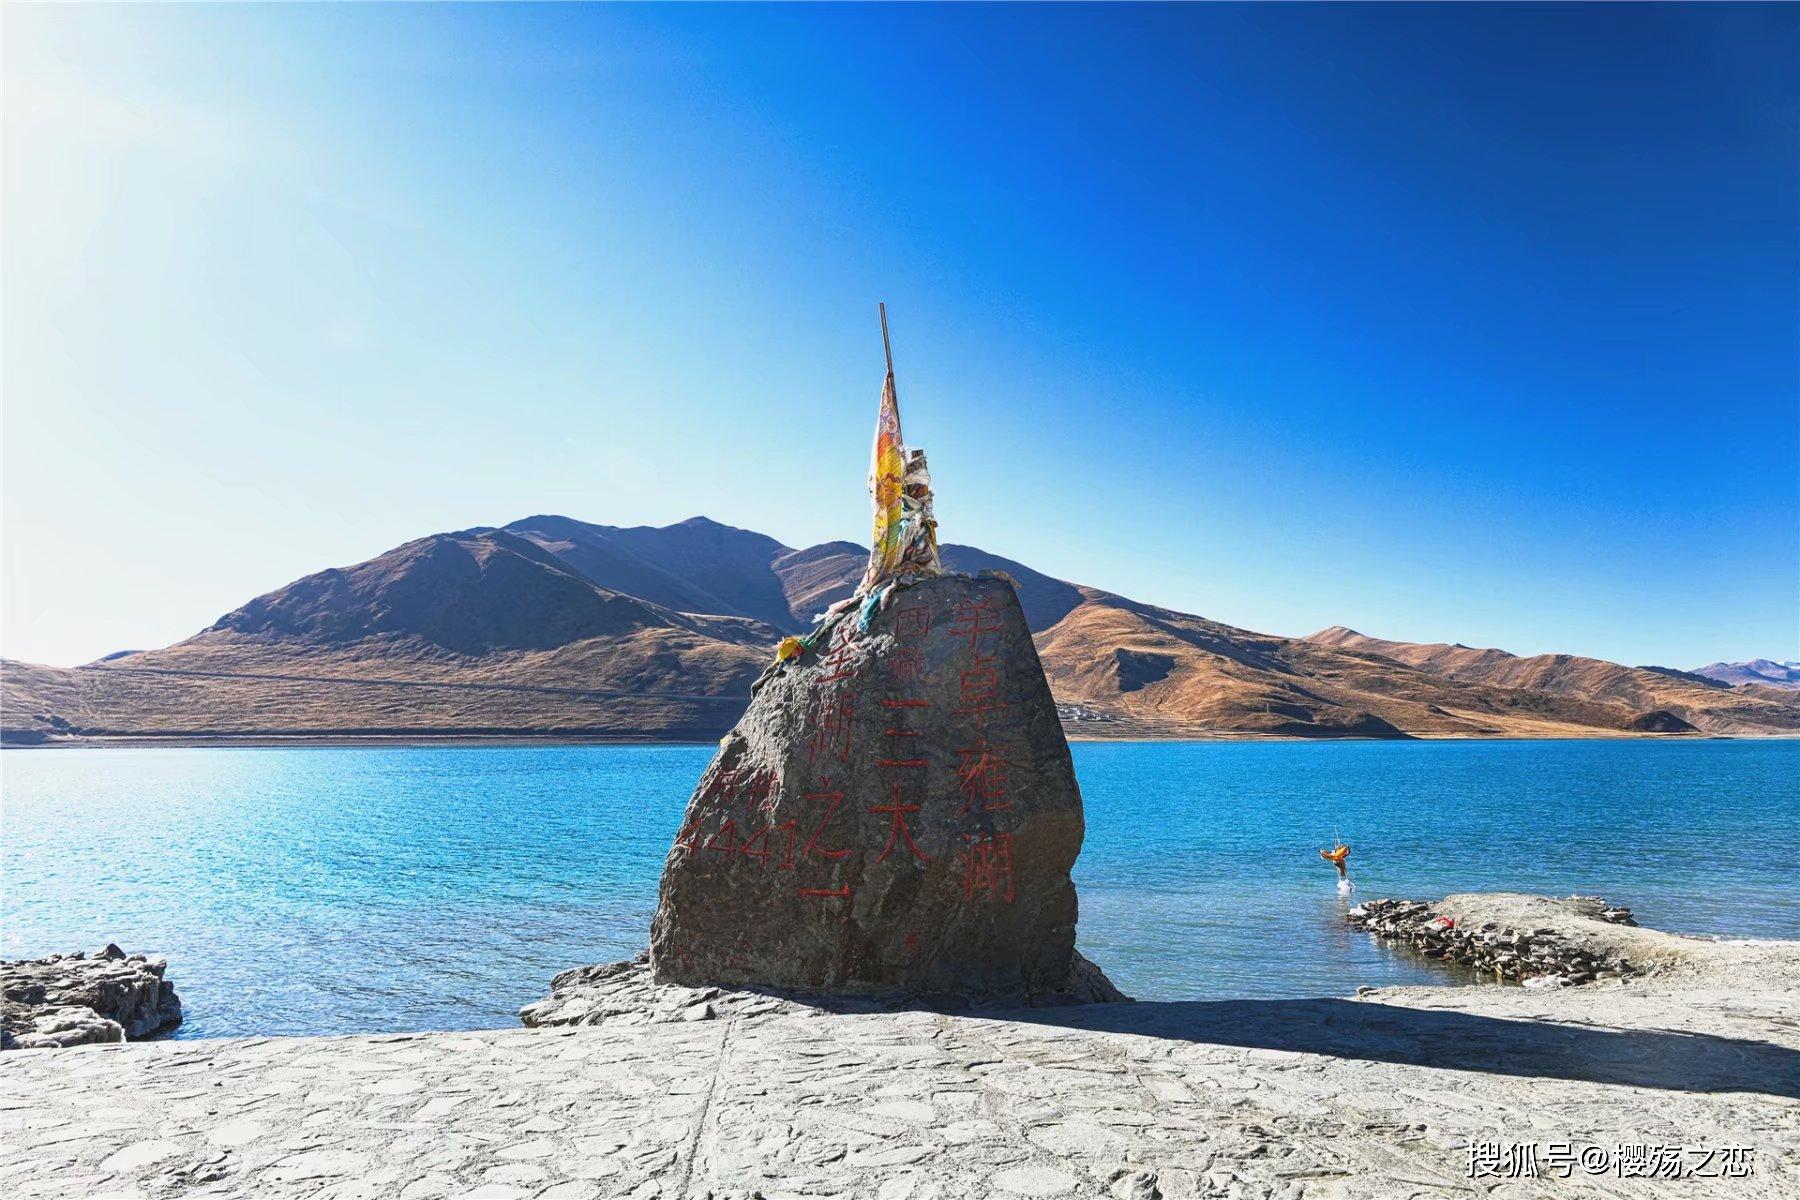 原创             环游圣湖和冰川是一种怎样的体验?行在路上,步步皆是风景